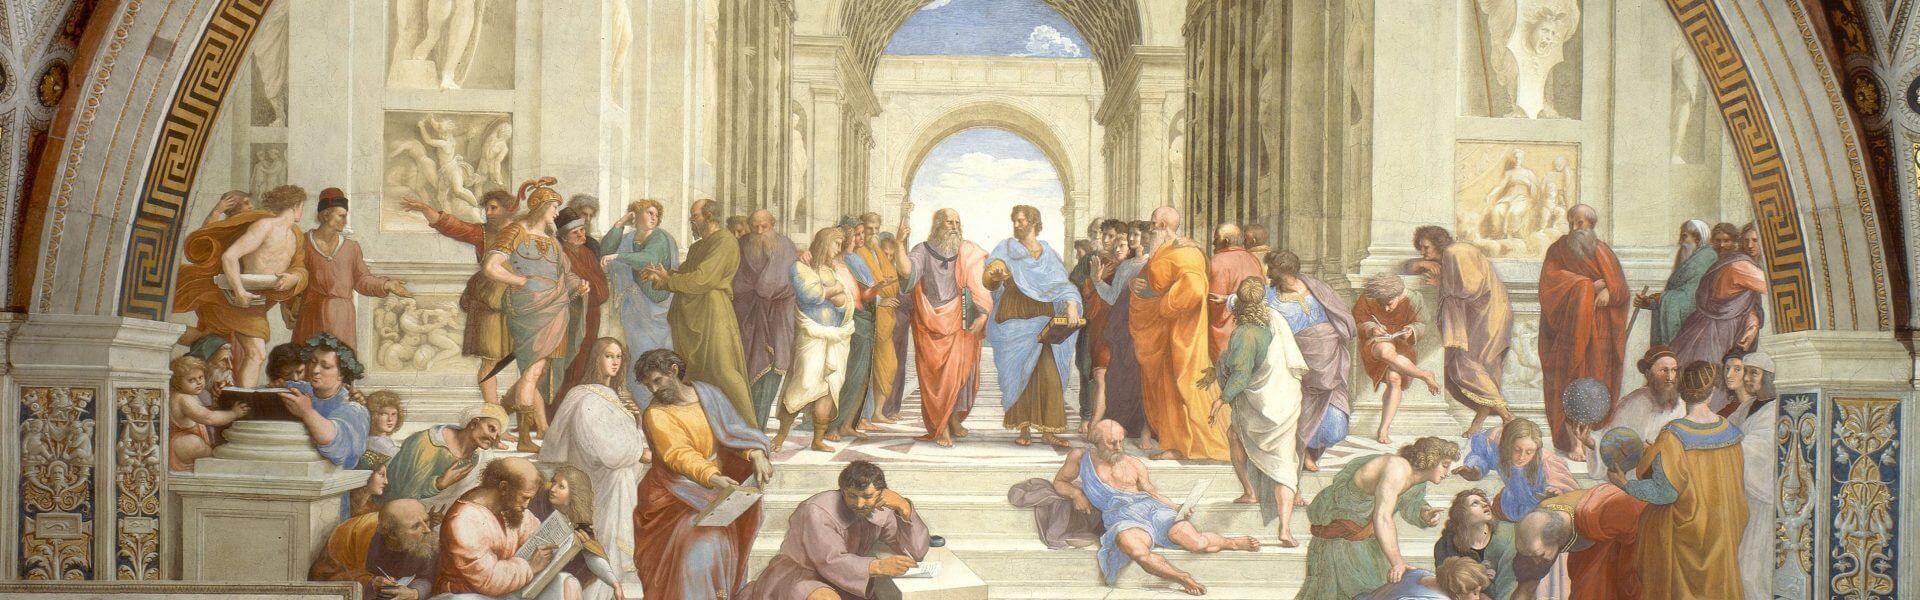 תמונה ראשית: אסכולת אתונה, רפאל, ויקישיתוף